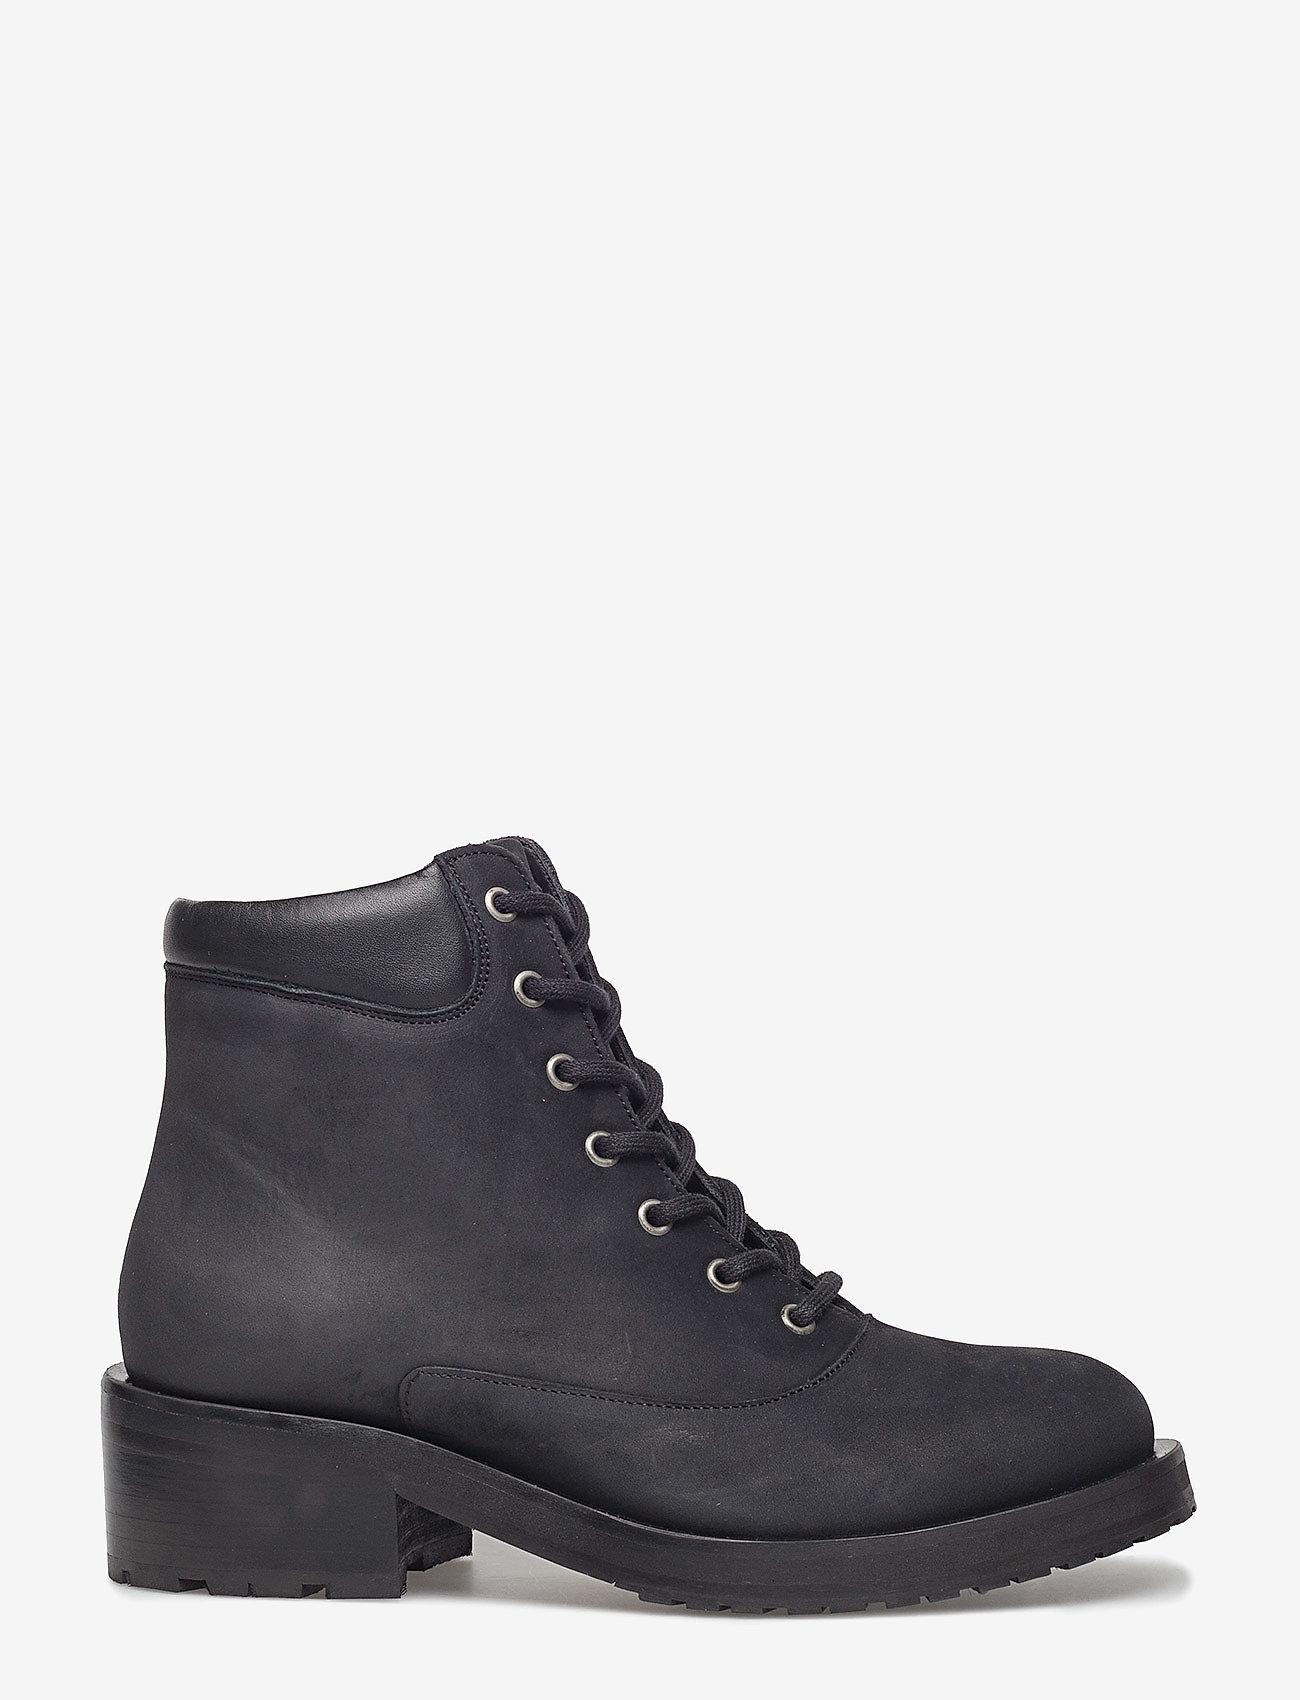 Royal RepubliQ - District Hiker Oxford Midcut - flade ankelstøvler - black - 1